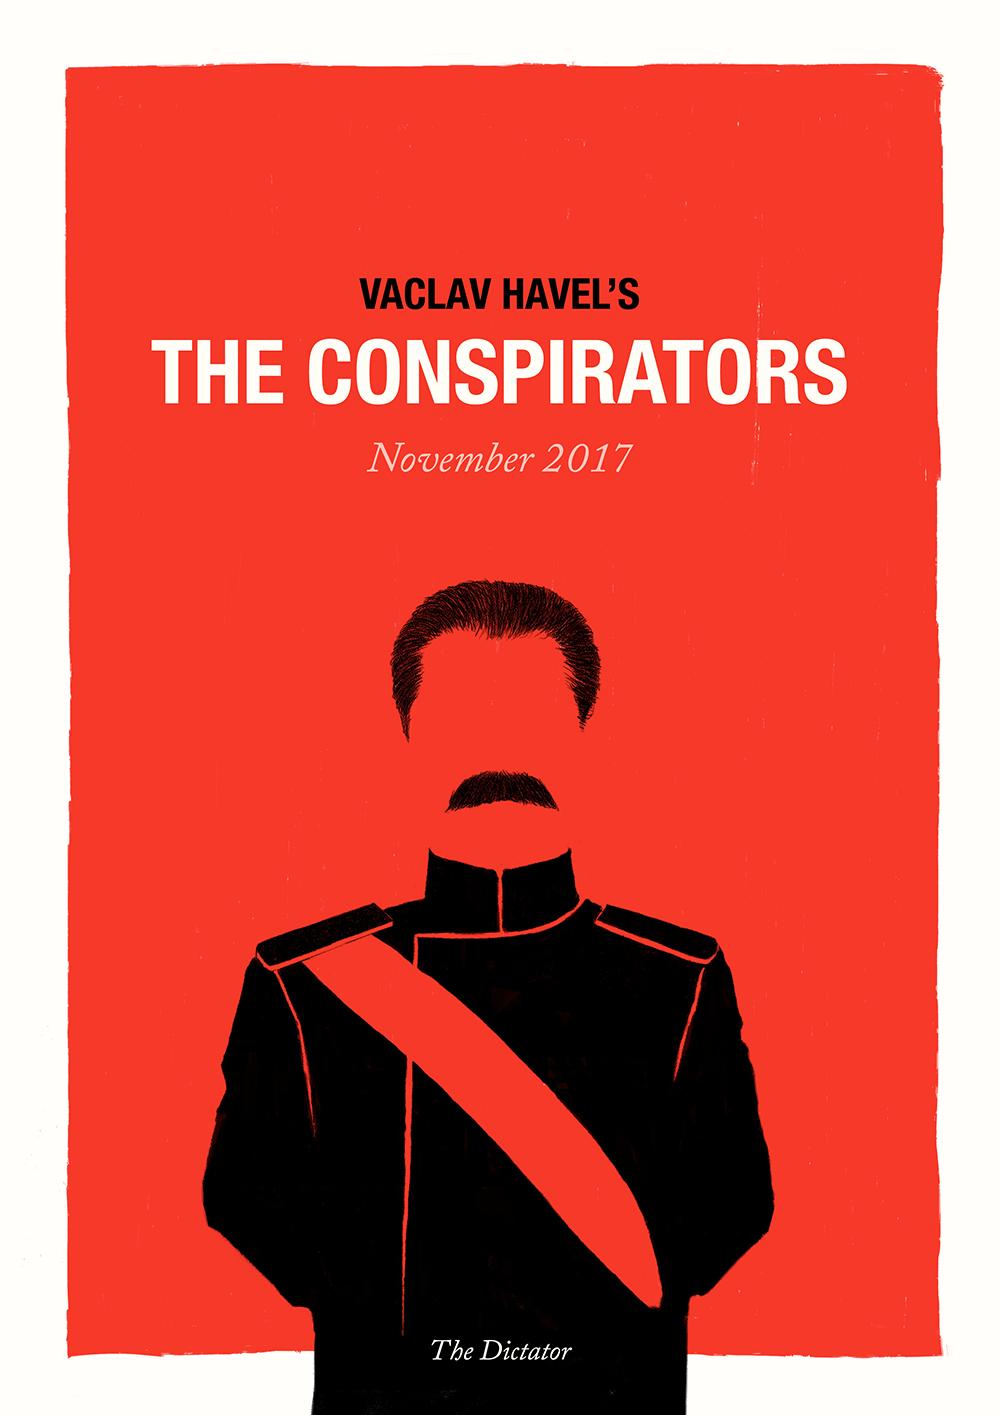 TheConspirators